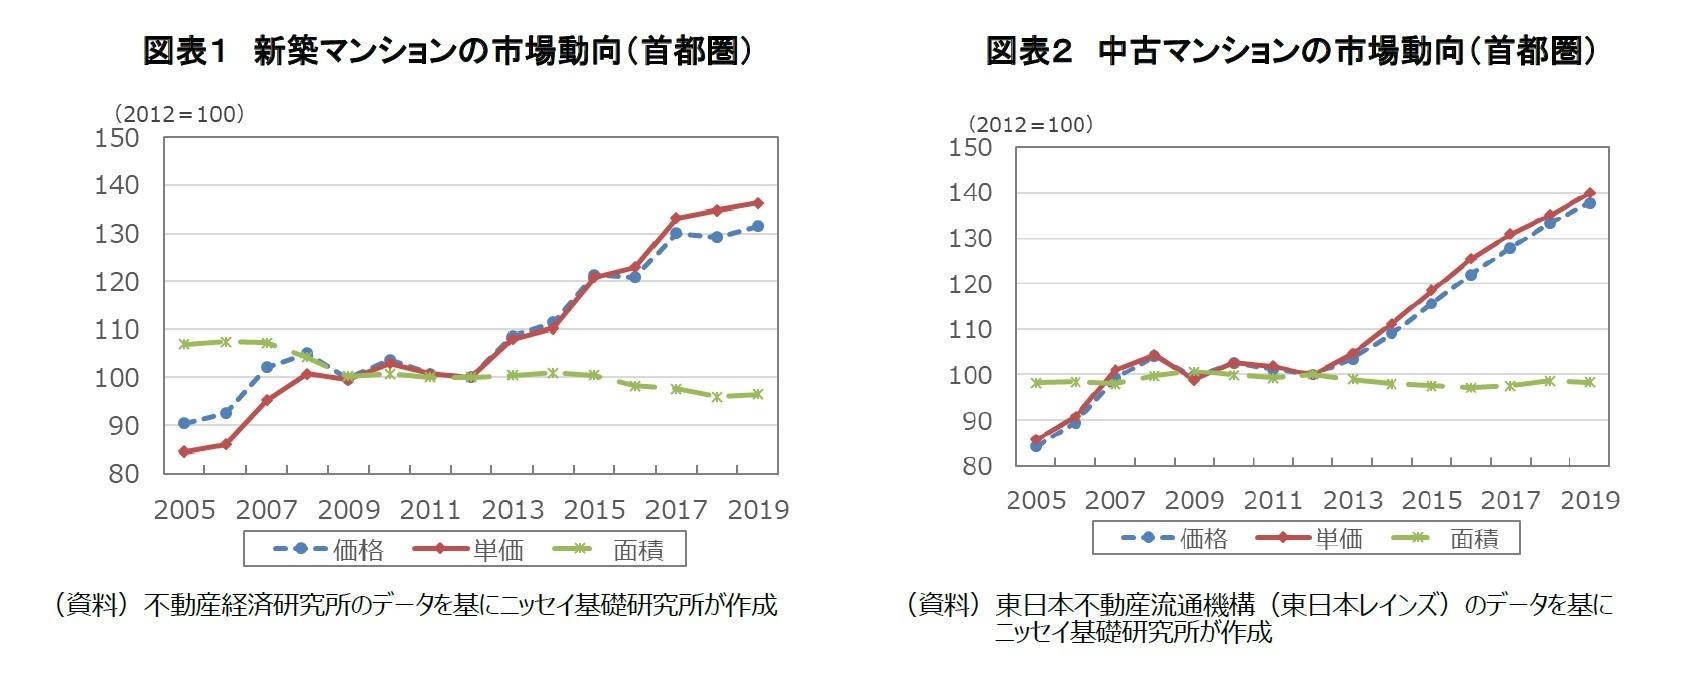 図表1 新築マンションの市場動向(首都圏)/図表2 中古マンションの市場動向(首都圏)